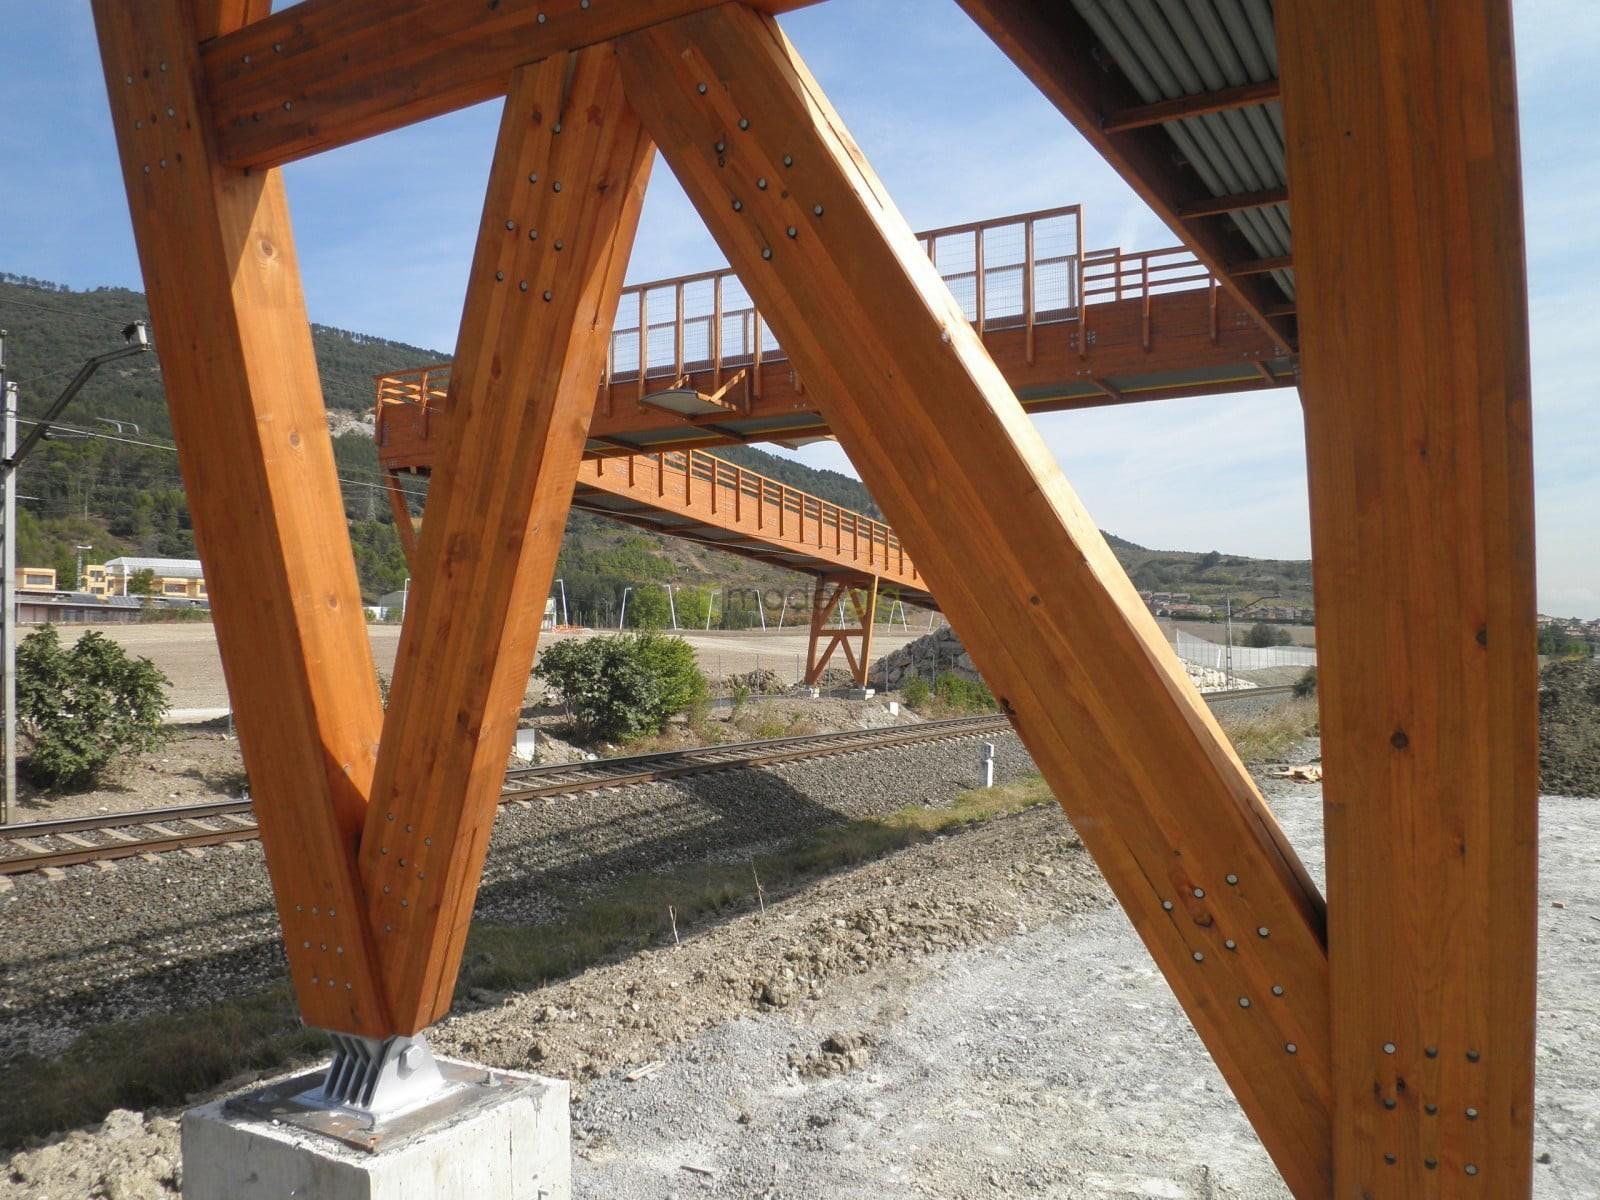 Pasarela peatonal sobre paso ferroviario madergia - Estructuras de madera laminada ...